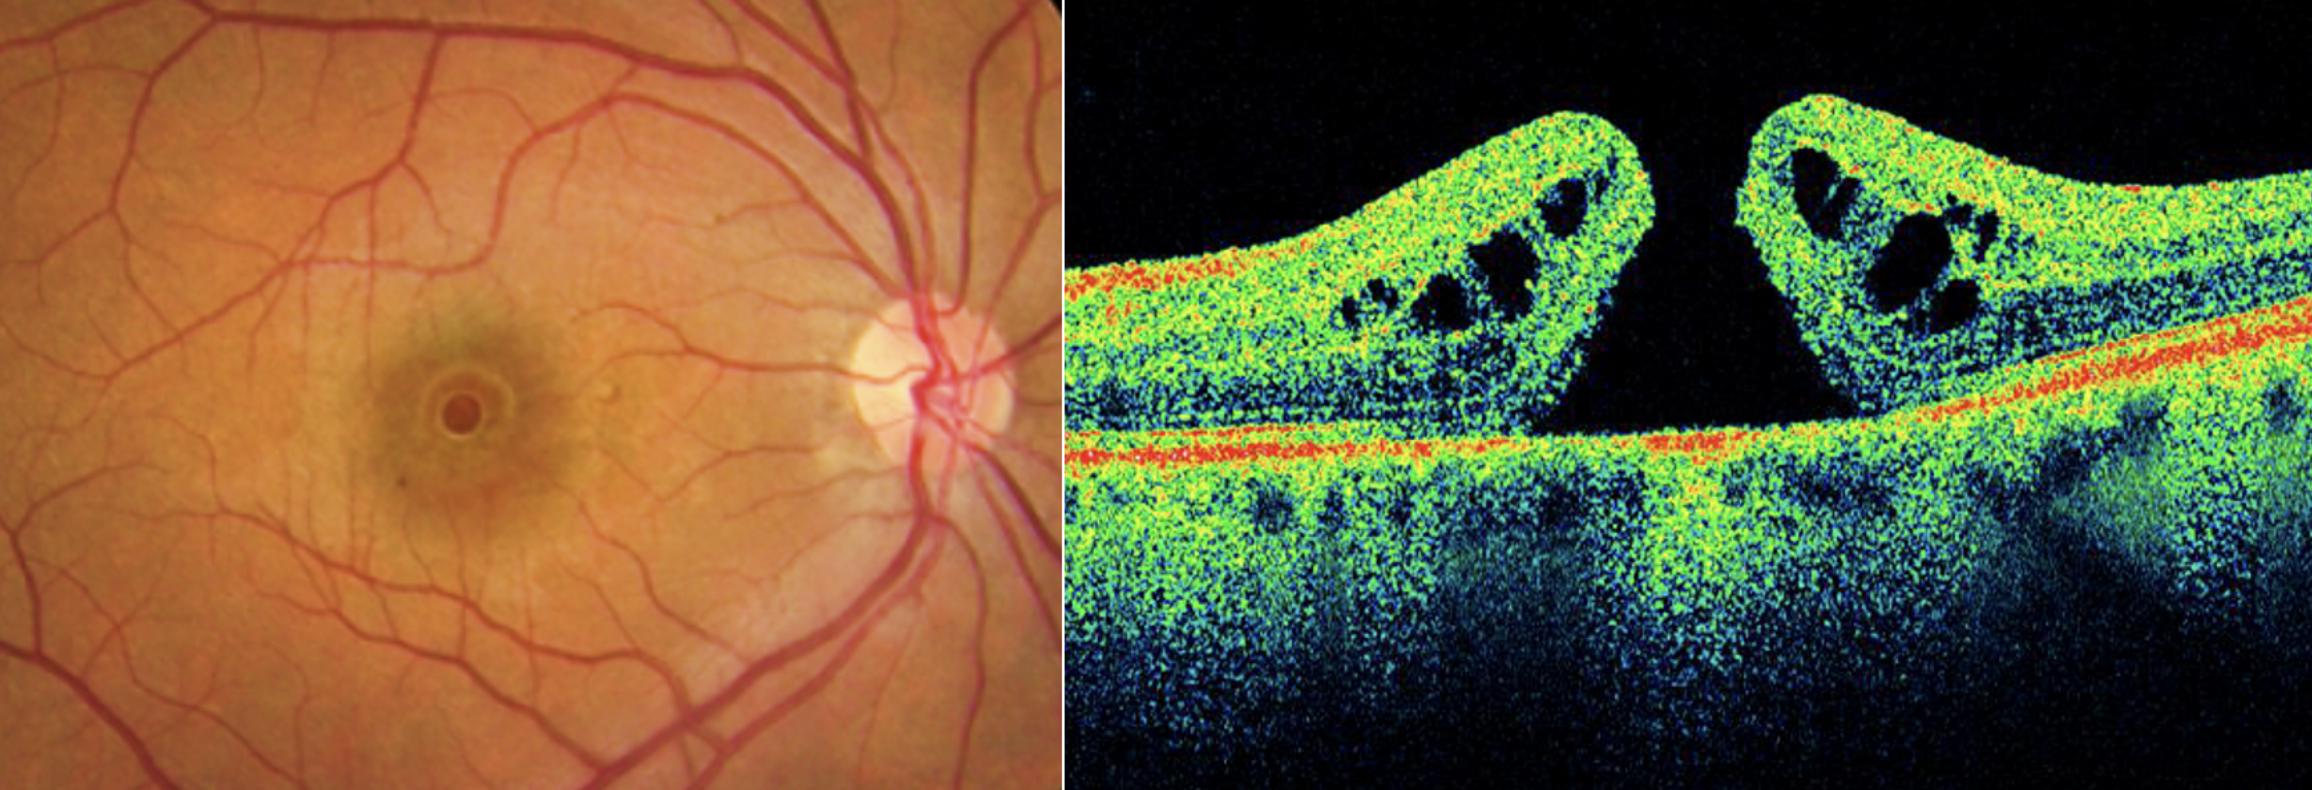 Rétinophotographie et OCT d'un trou maculaire idiopathique